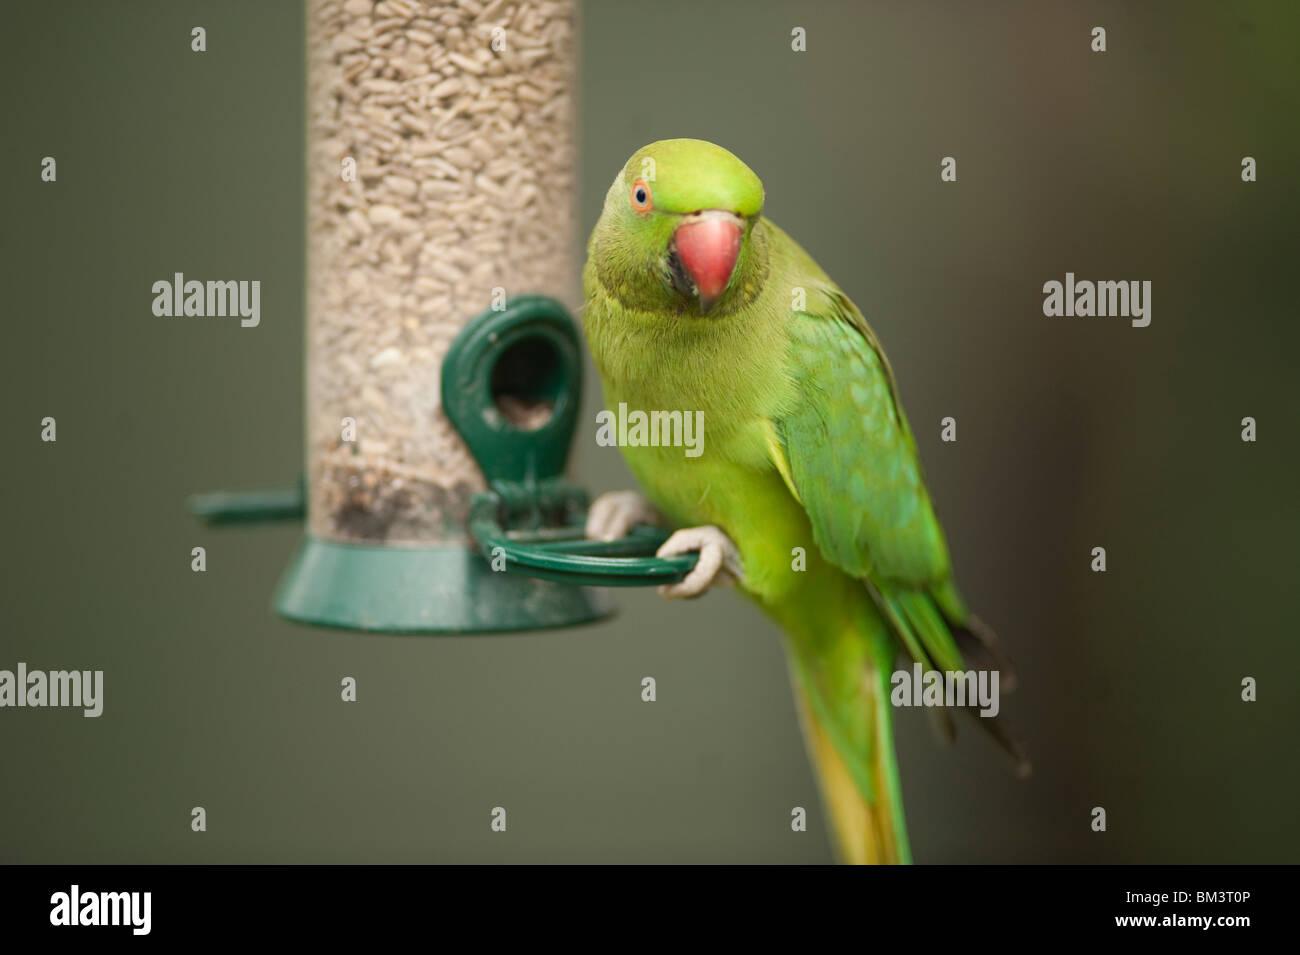 Ring Necked Parakeet, Psittacula krameri, on garden bird feeder, Wimbledon, London, UK Stock Photo